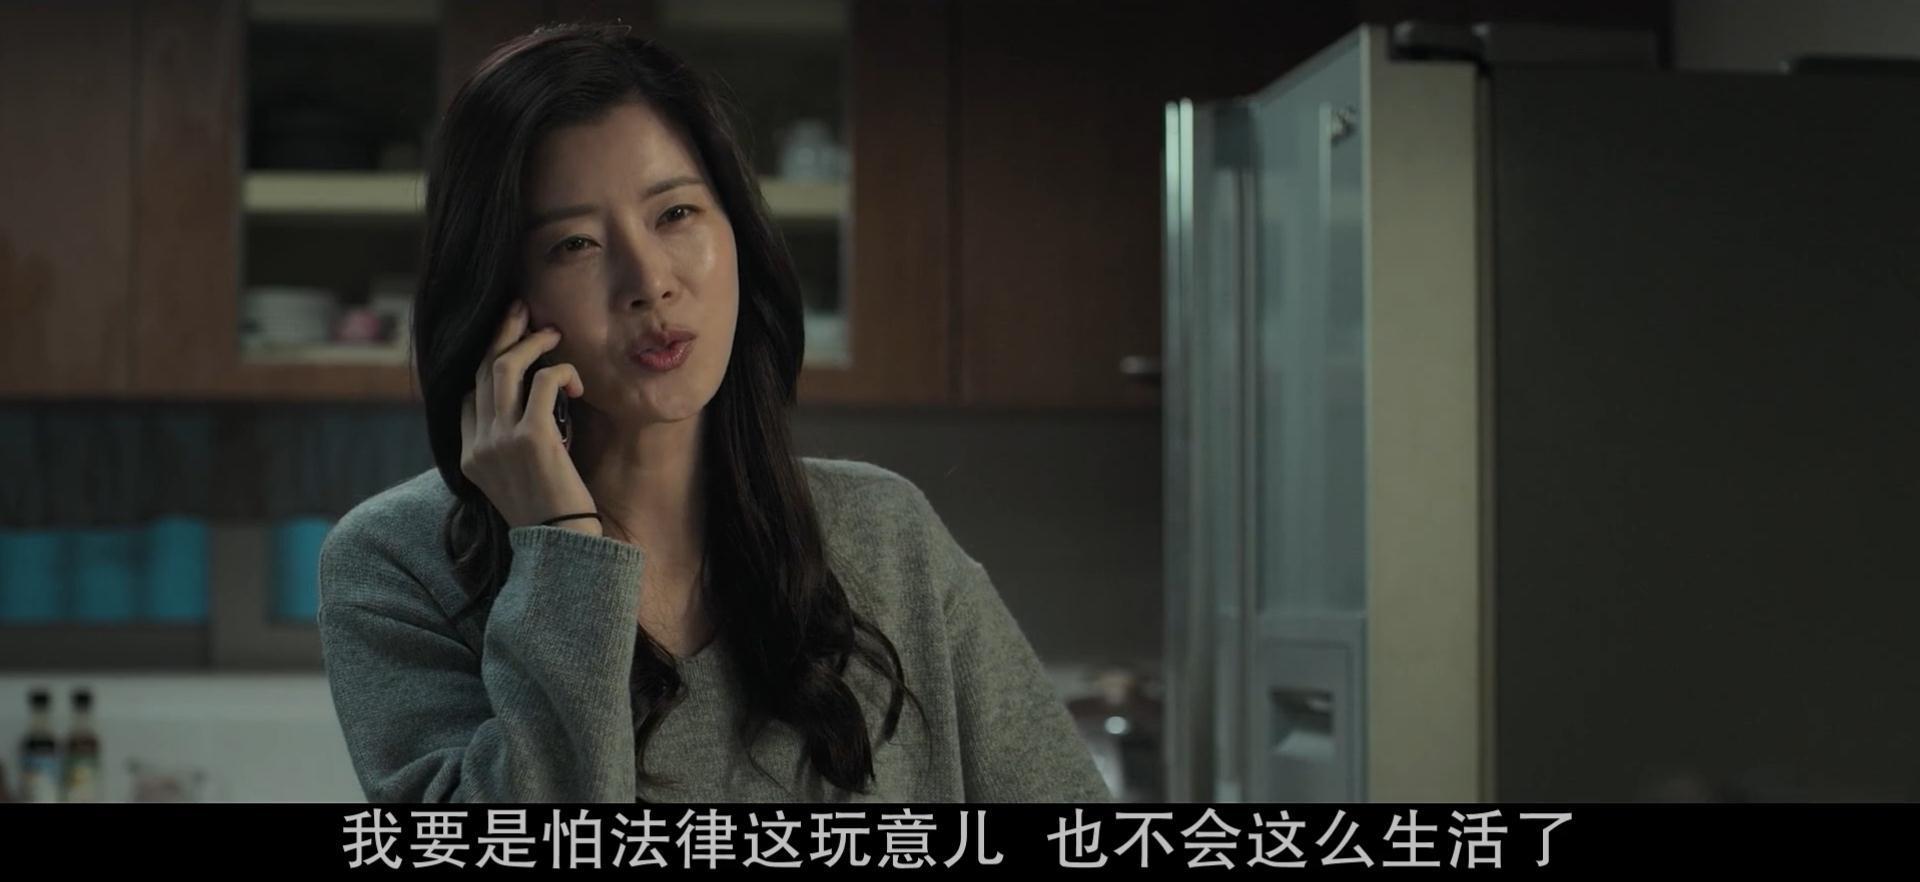 韩国电影《小委托人》不幸的人,一生都在治愈童年 (1)